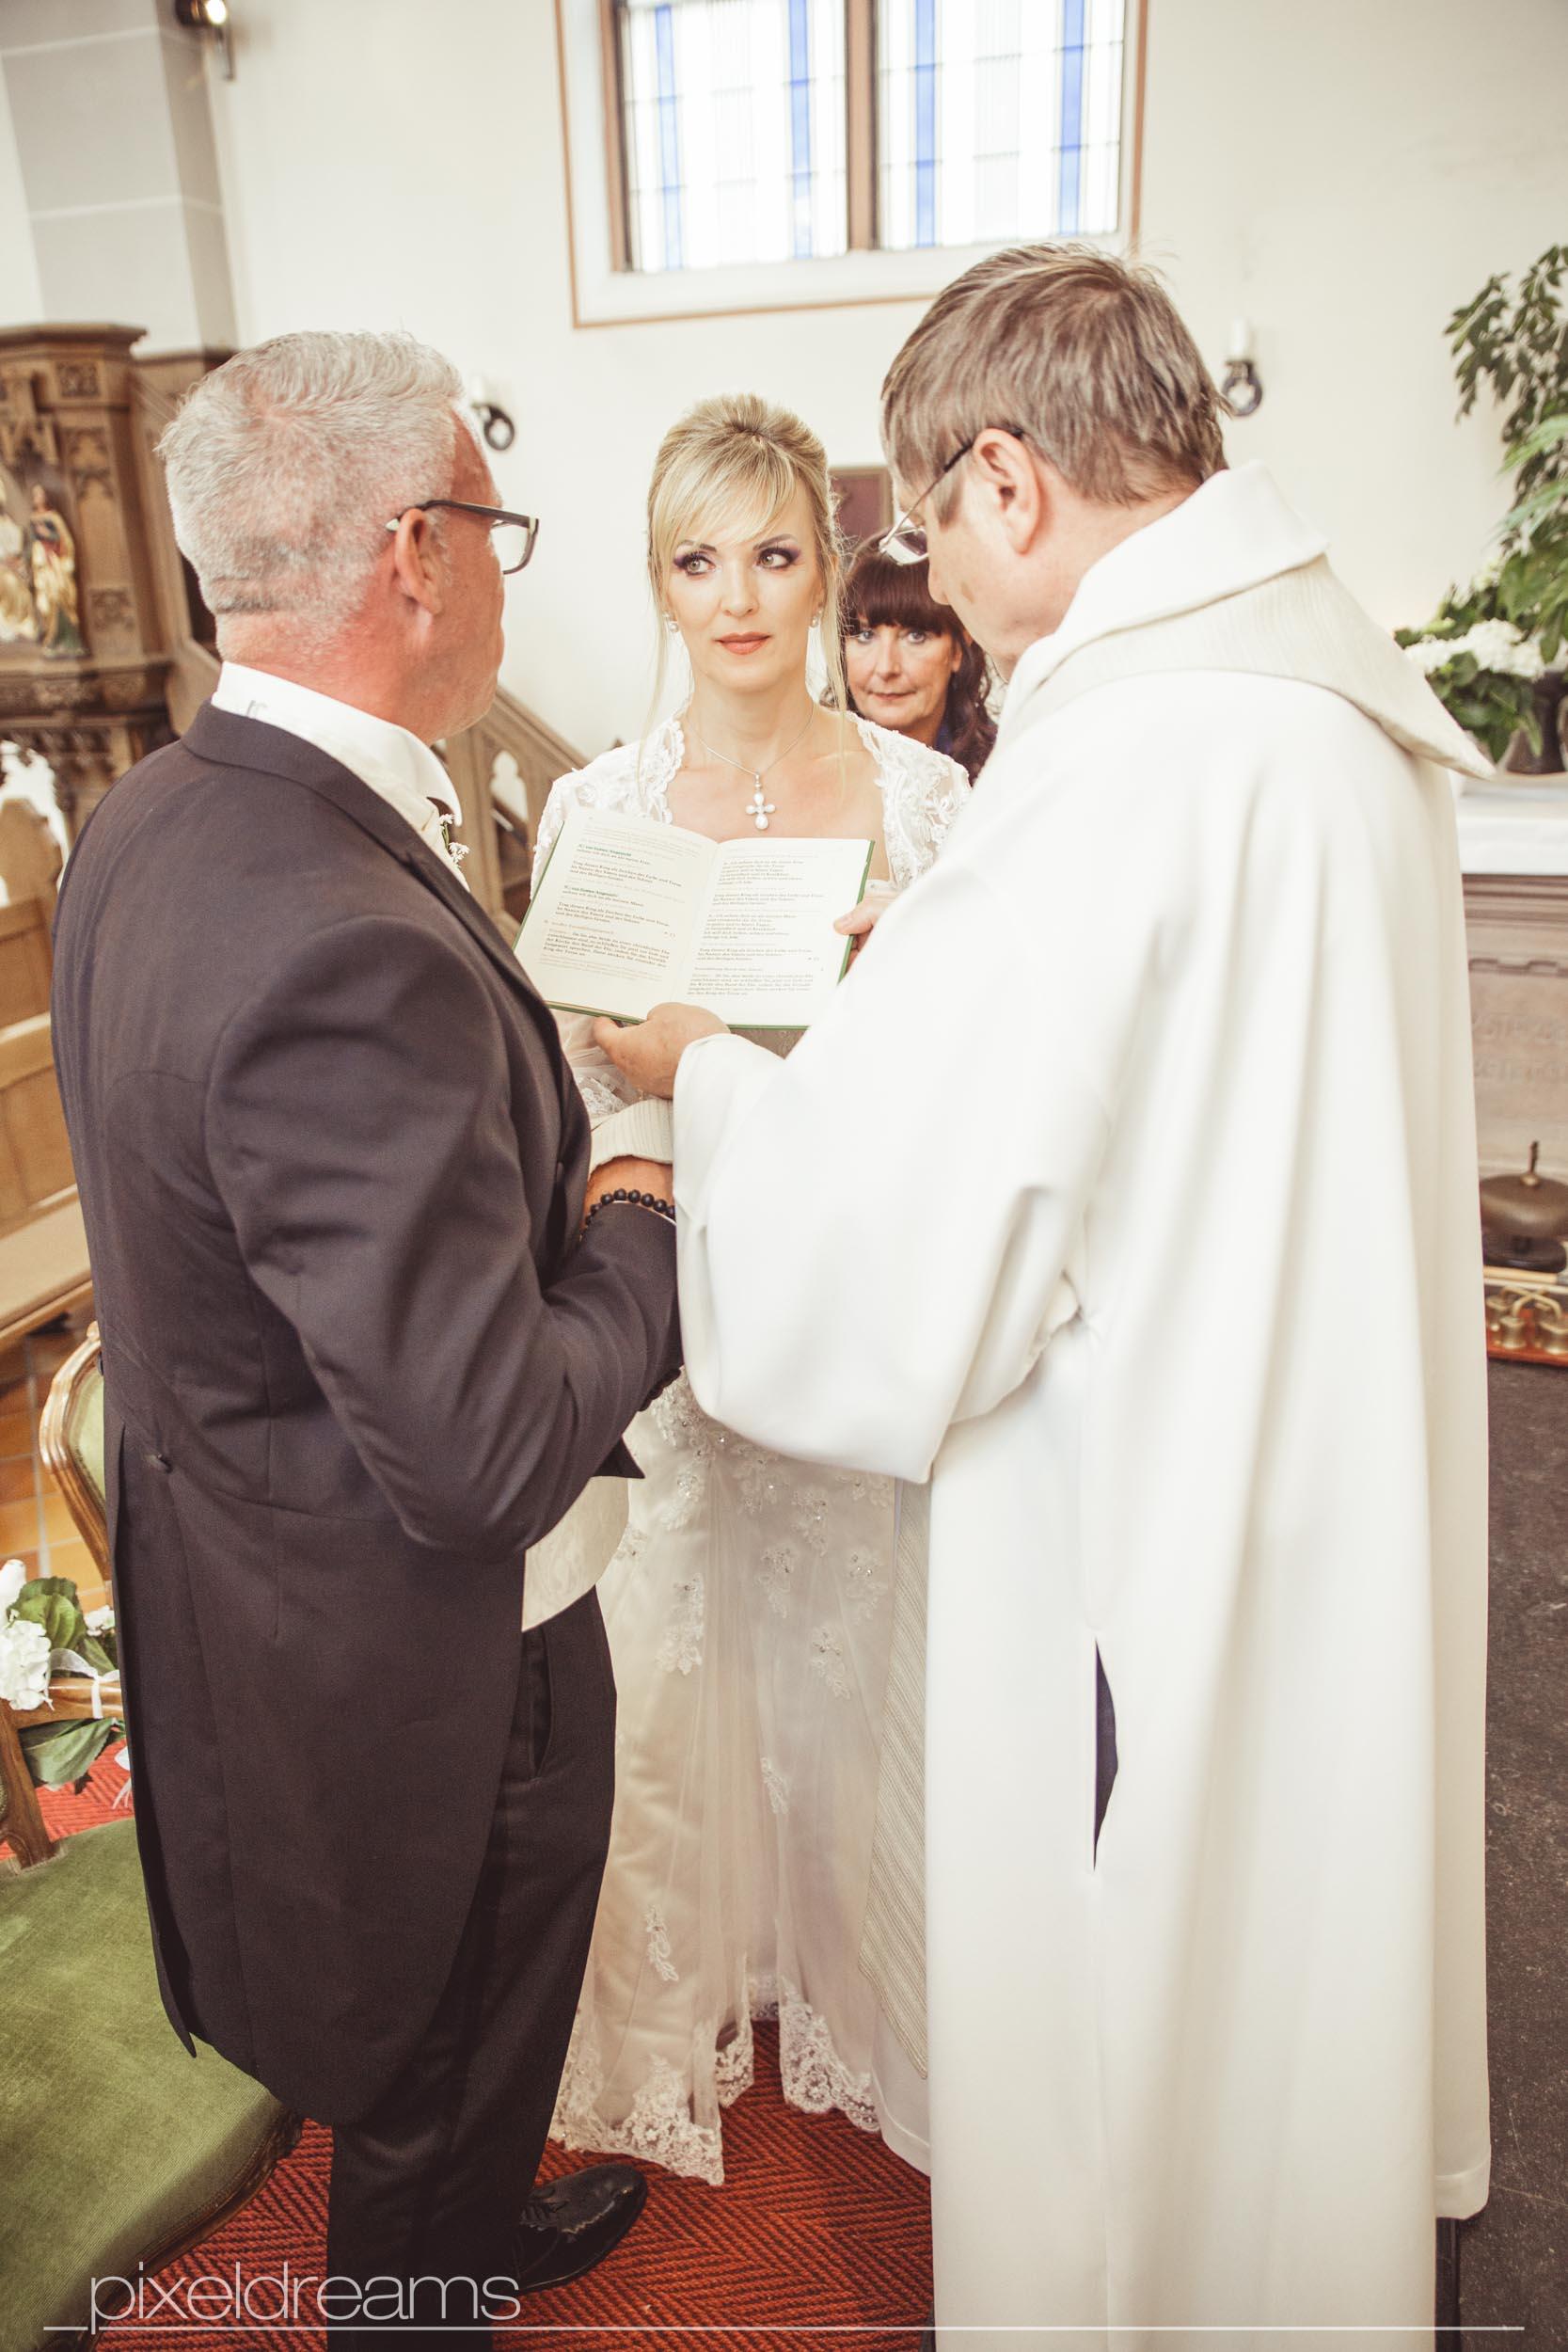 Kirchliche Trauung in der St. Antonius Kirche Swisttal. Hochzeitsfotograf hält den Moment des Gelübtes fest.